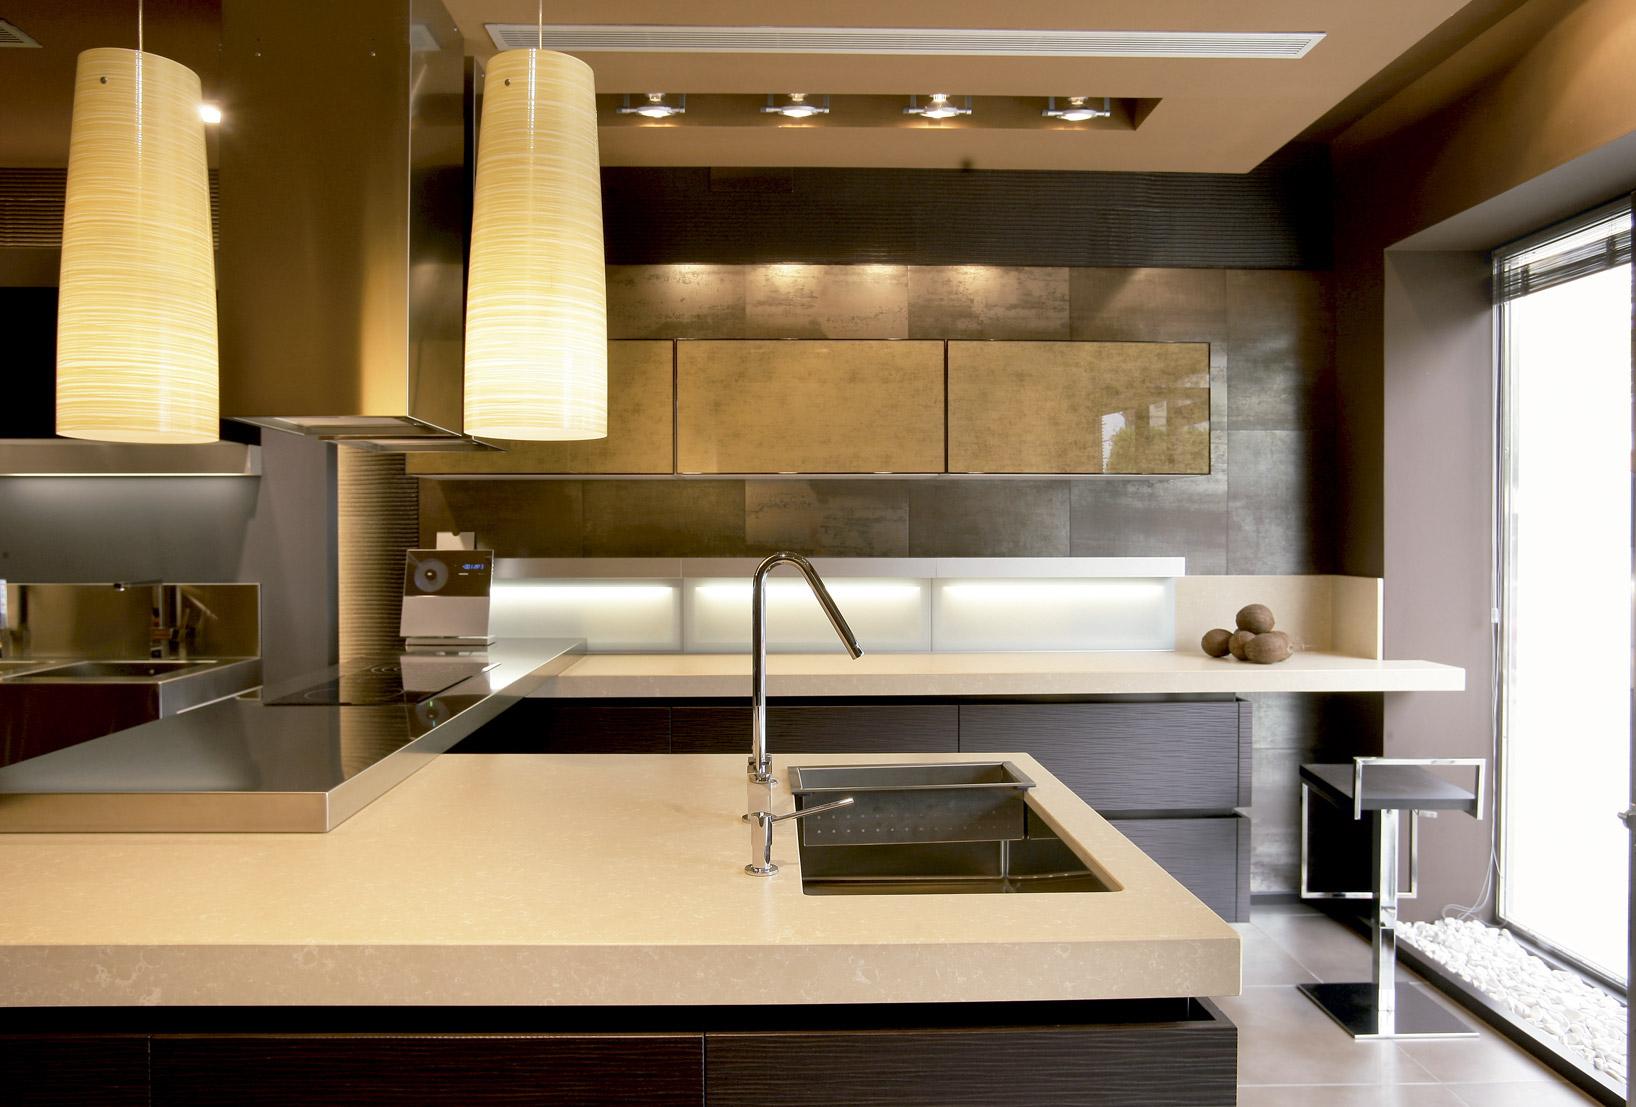 Cocinas puertas armarios y vestidores - Silestone showroom ...